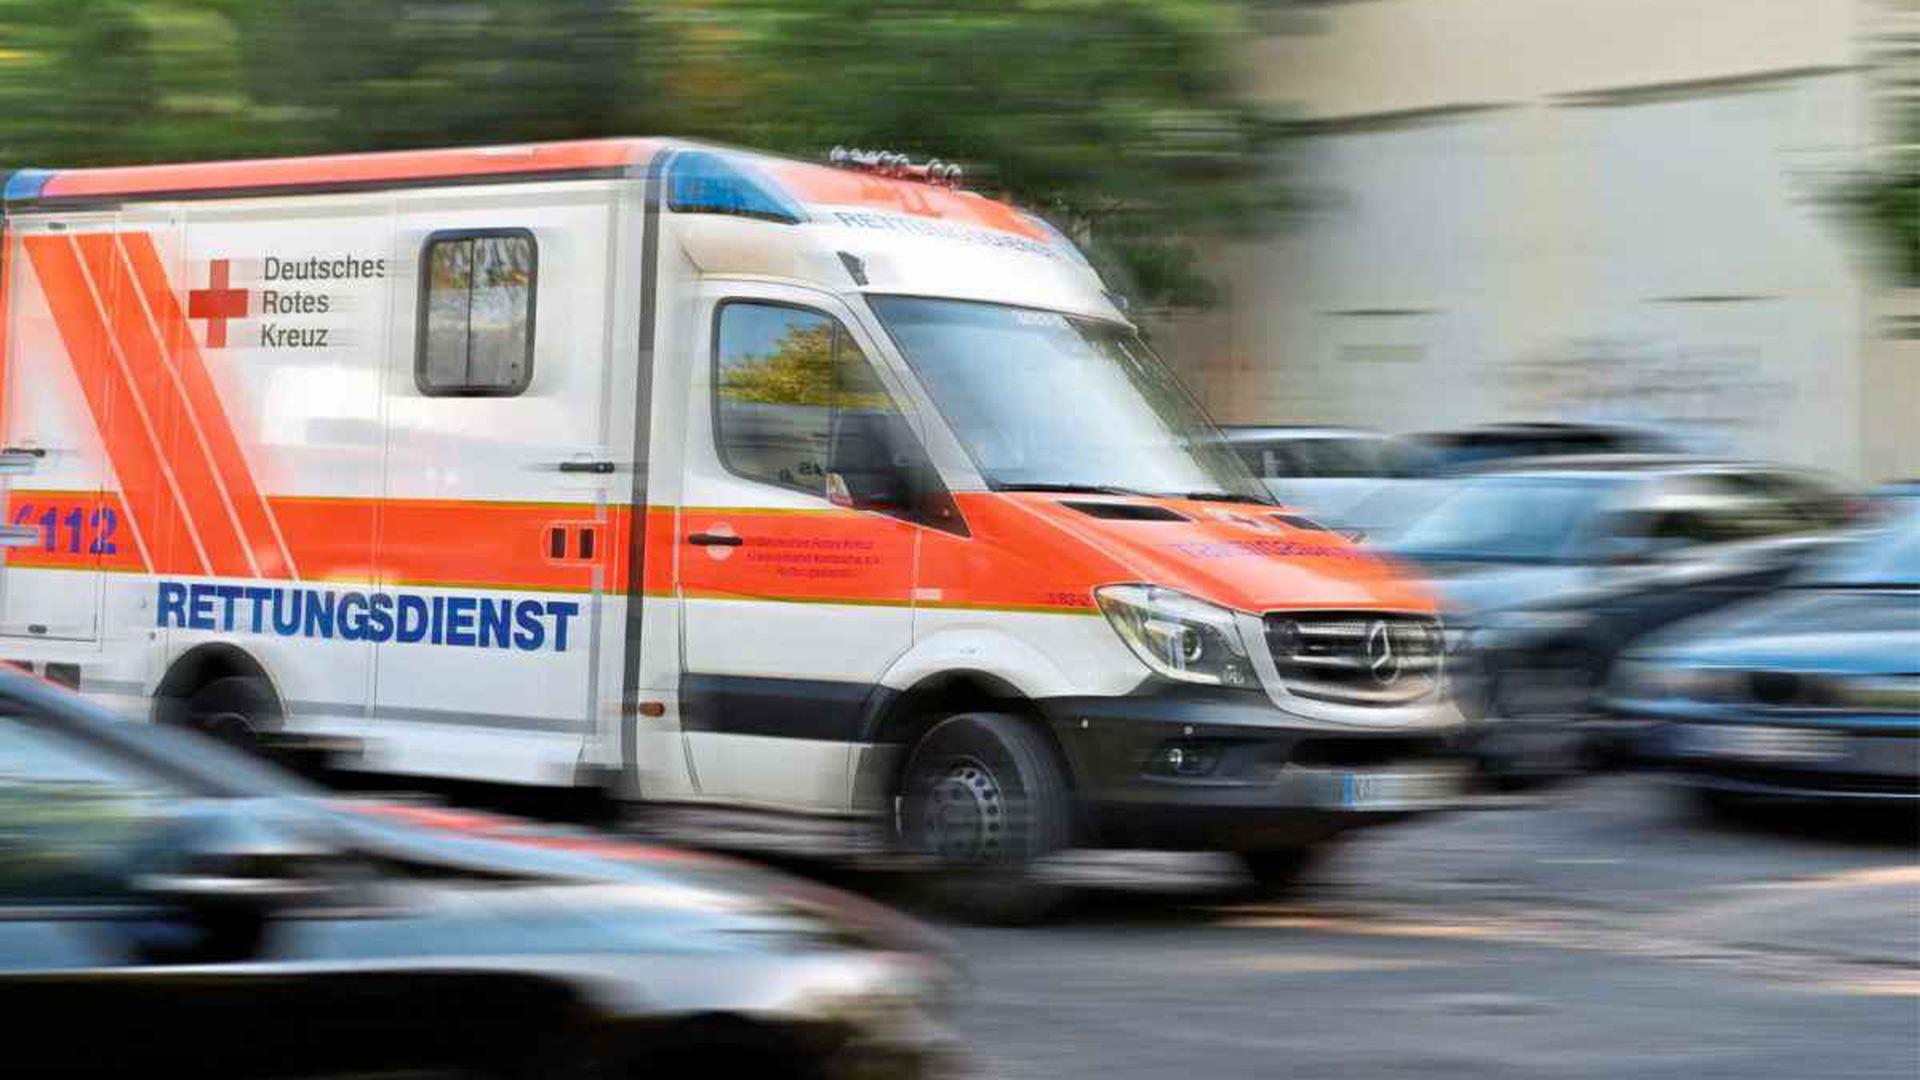 20 Jahriger Motorradfahrer Sturzt Und Stirbt Bei Unfall In Karlsruhe